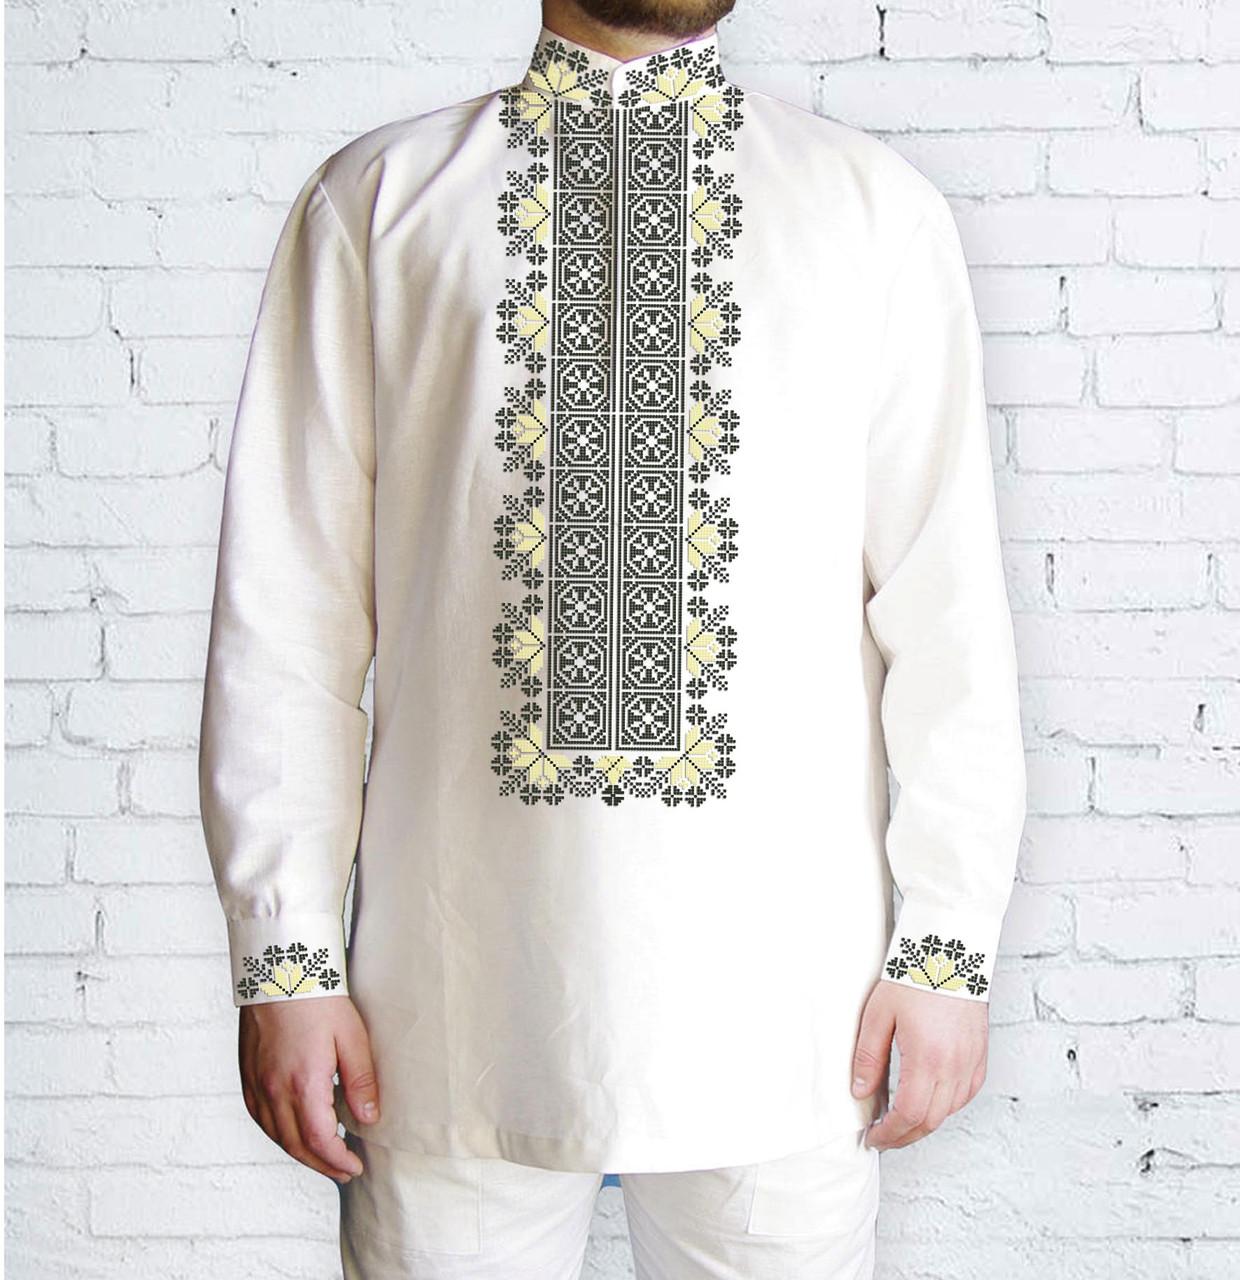 Заготовка чоловічої сорочки та вишиванки для вишивки чи вишивання бісером Бисерок «548 Дивоцвіт» (Ч-548 )